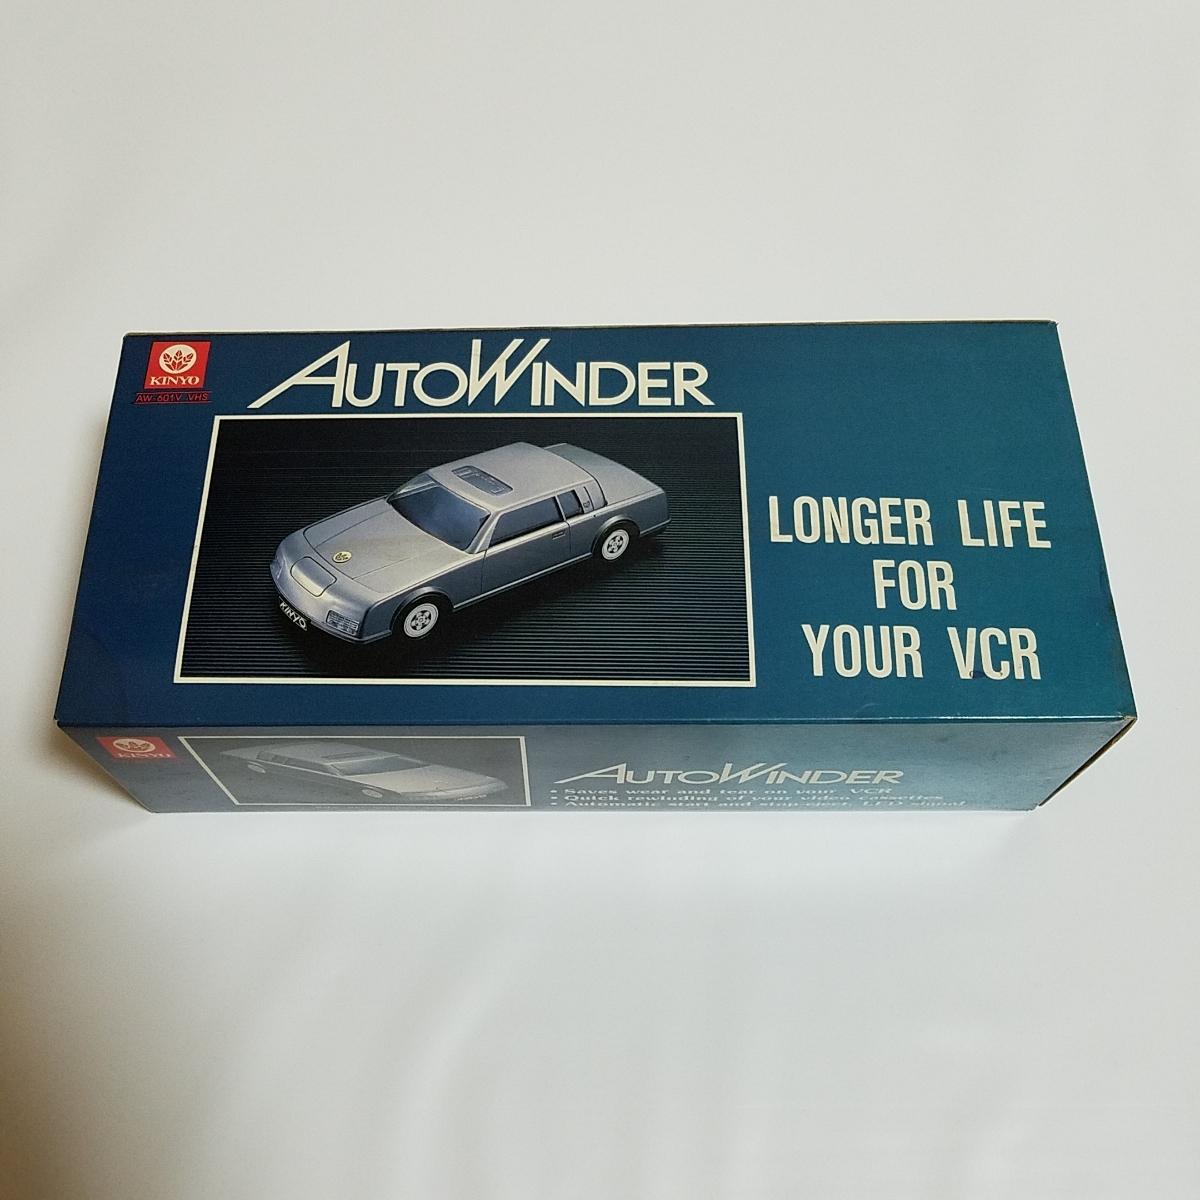 未使用品 ビデオテープリワインダー カーモデル VHS AW-601V